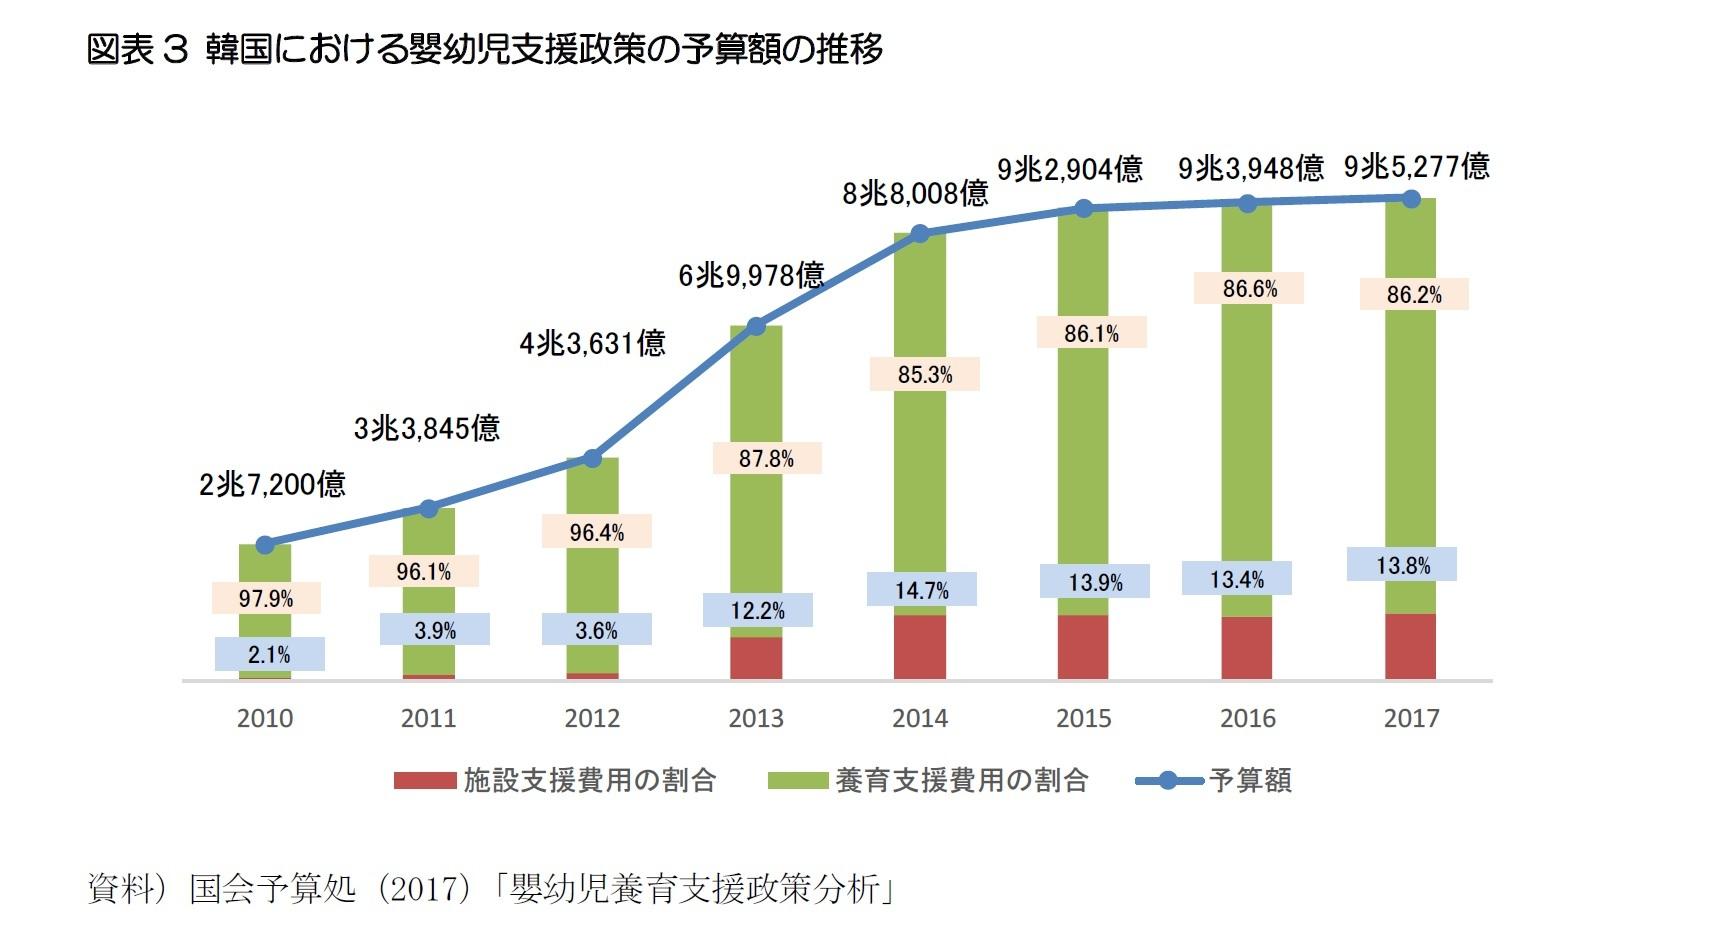 図表3 韓国における嬰幼児支援政策の予算額の推移